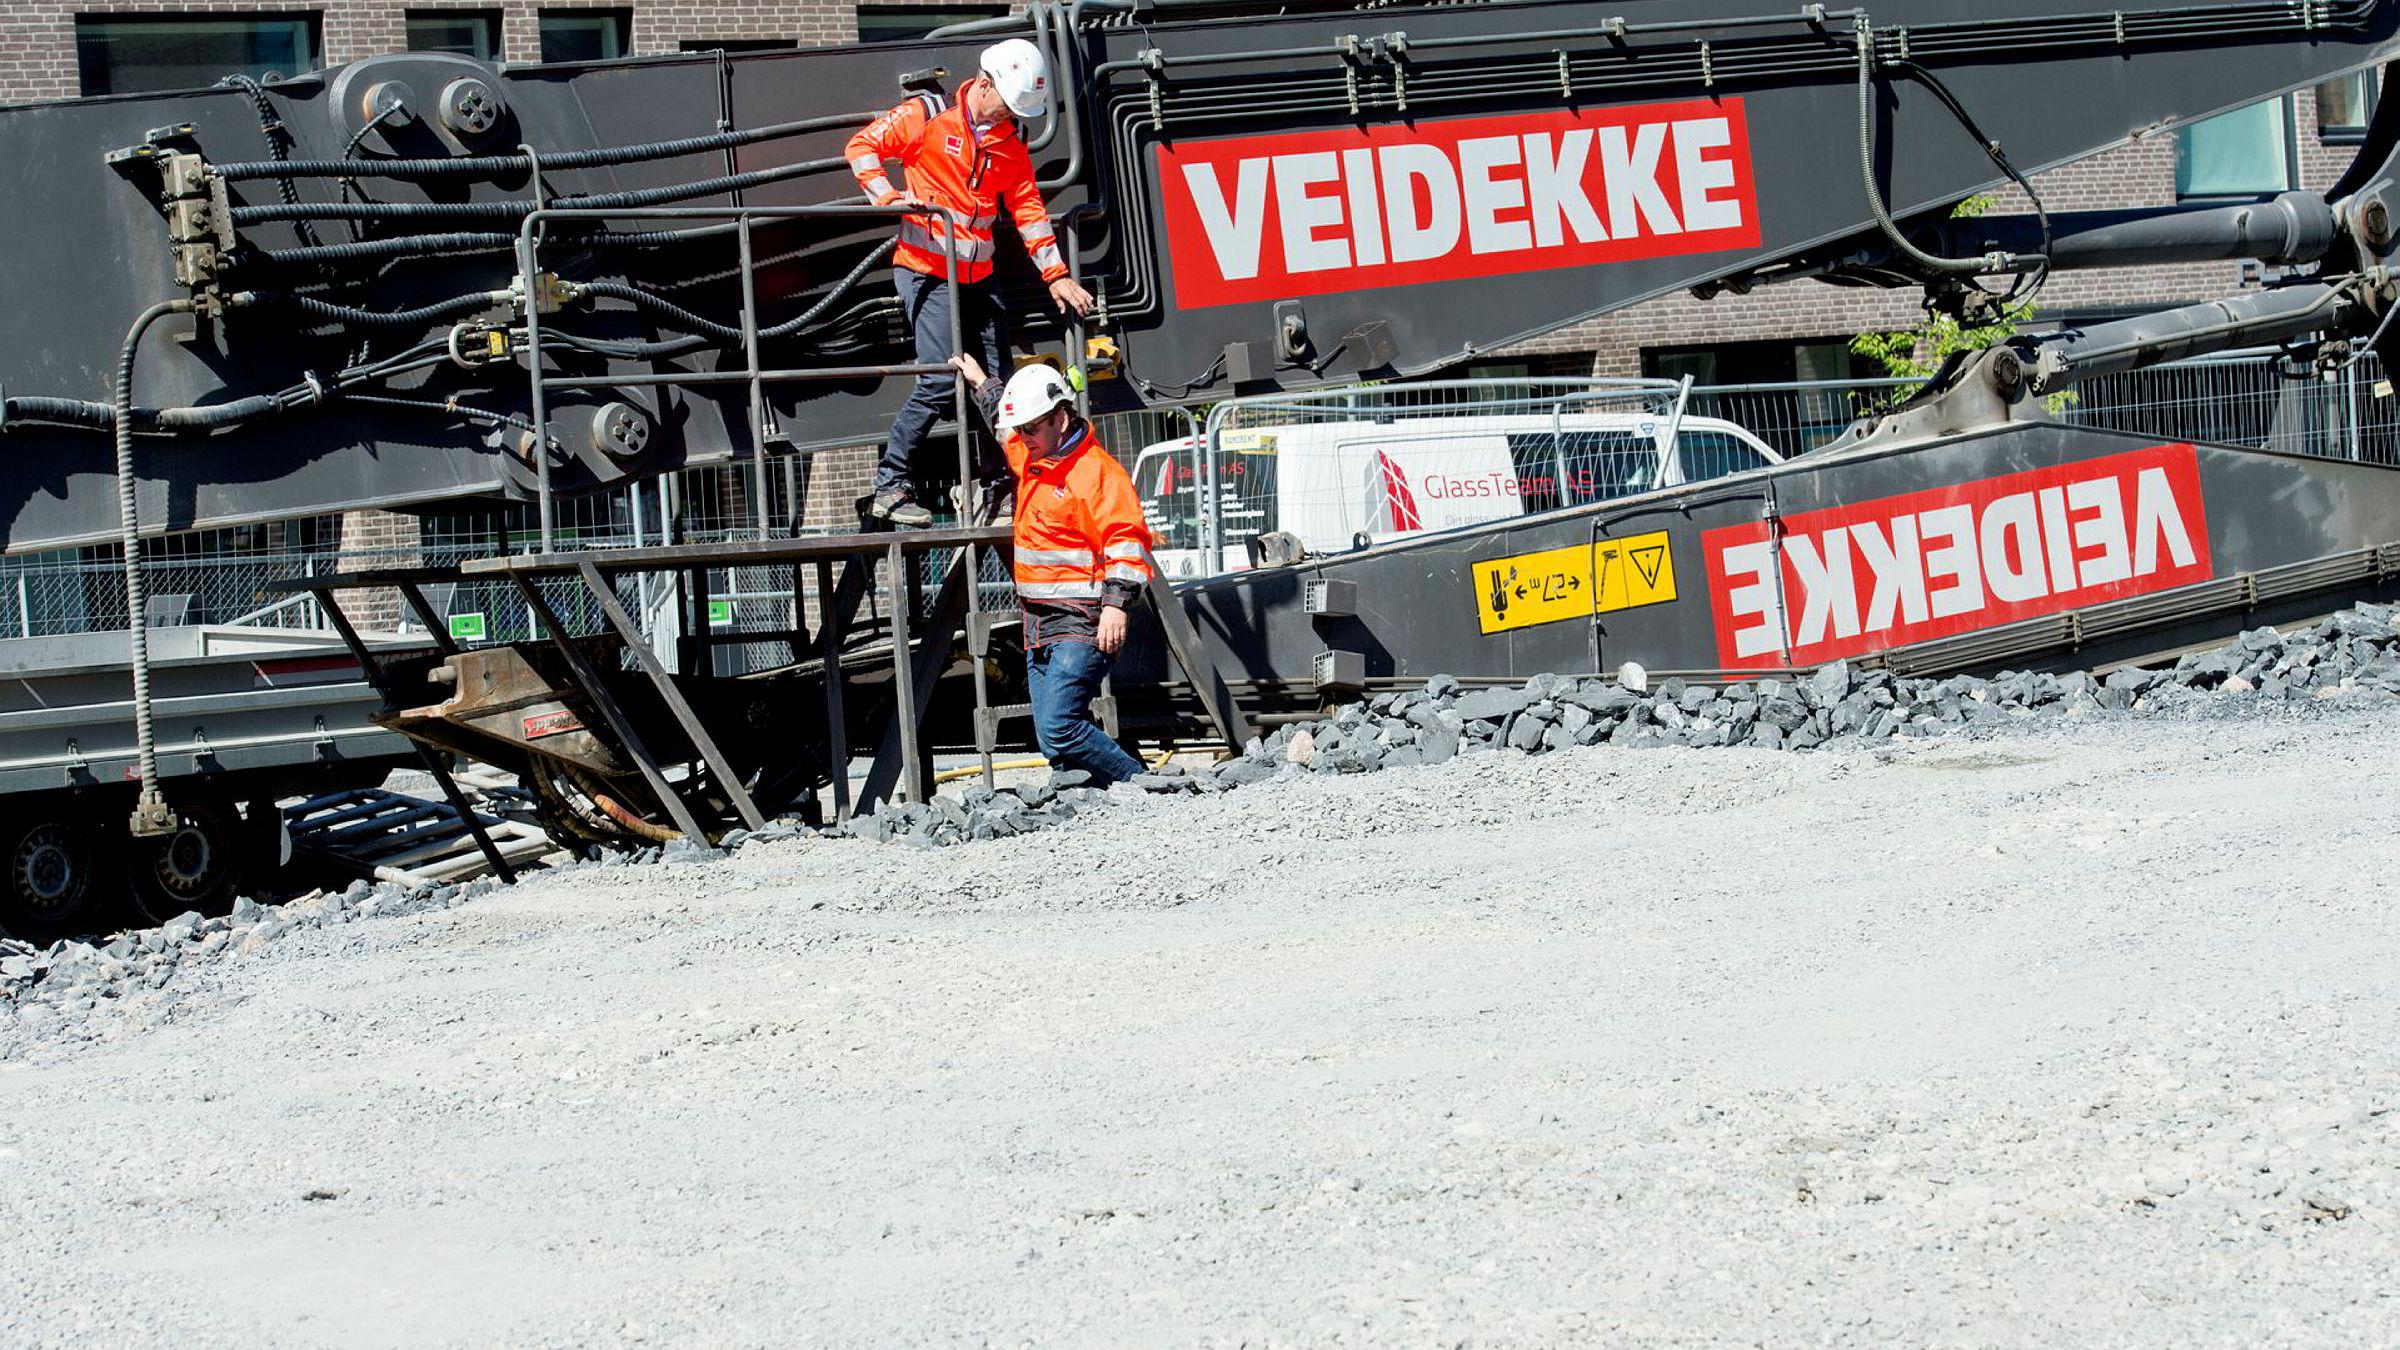 – Her har vi har solgt 114 boliger for nesten 600 millioner, sier administrerende direktør Øyvind Moen (øverst) i Veidekke Eiendom. Her med Audun Blegen, direktør for strategi og forretningsutvikling i selskapet.